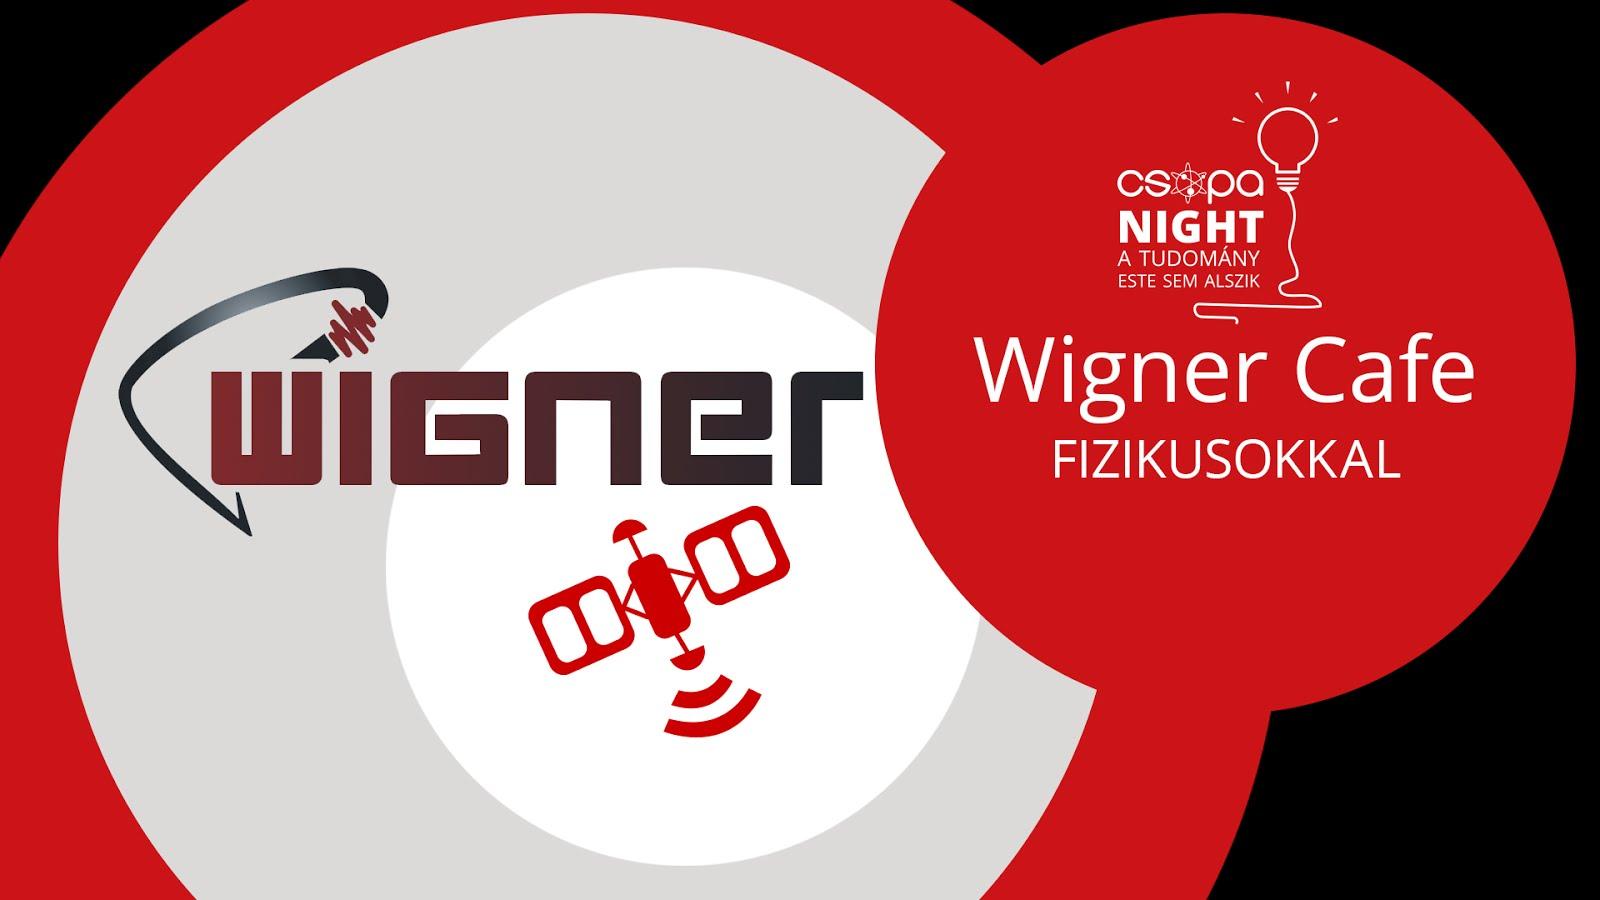 Wigner Cafe